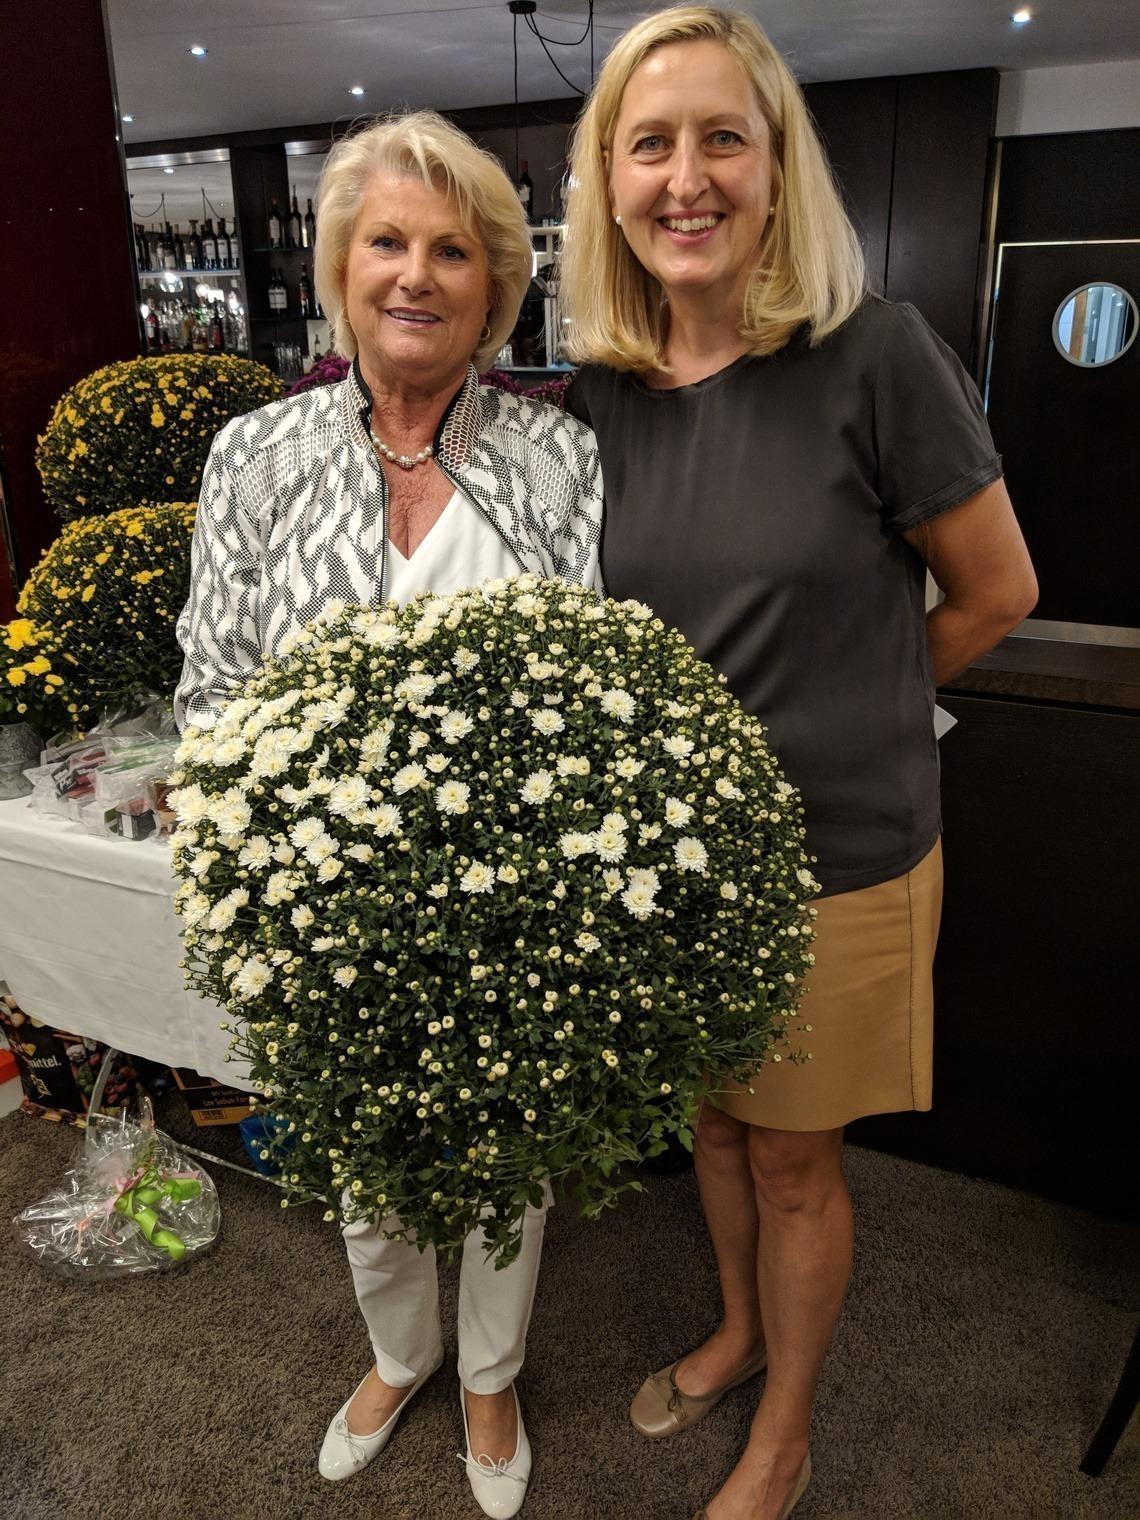 Beuerbergs Ladies Captain Heide Bogner, links, bekam von Eichenrieds Ladies Captain Karin Hoyler einen Extra-Blumentopf.